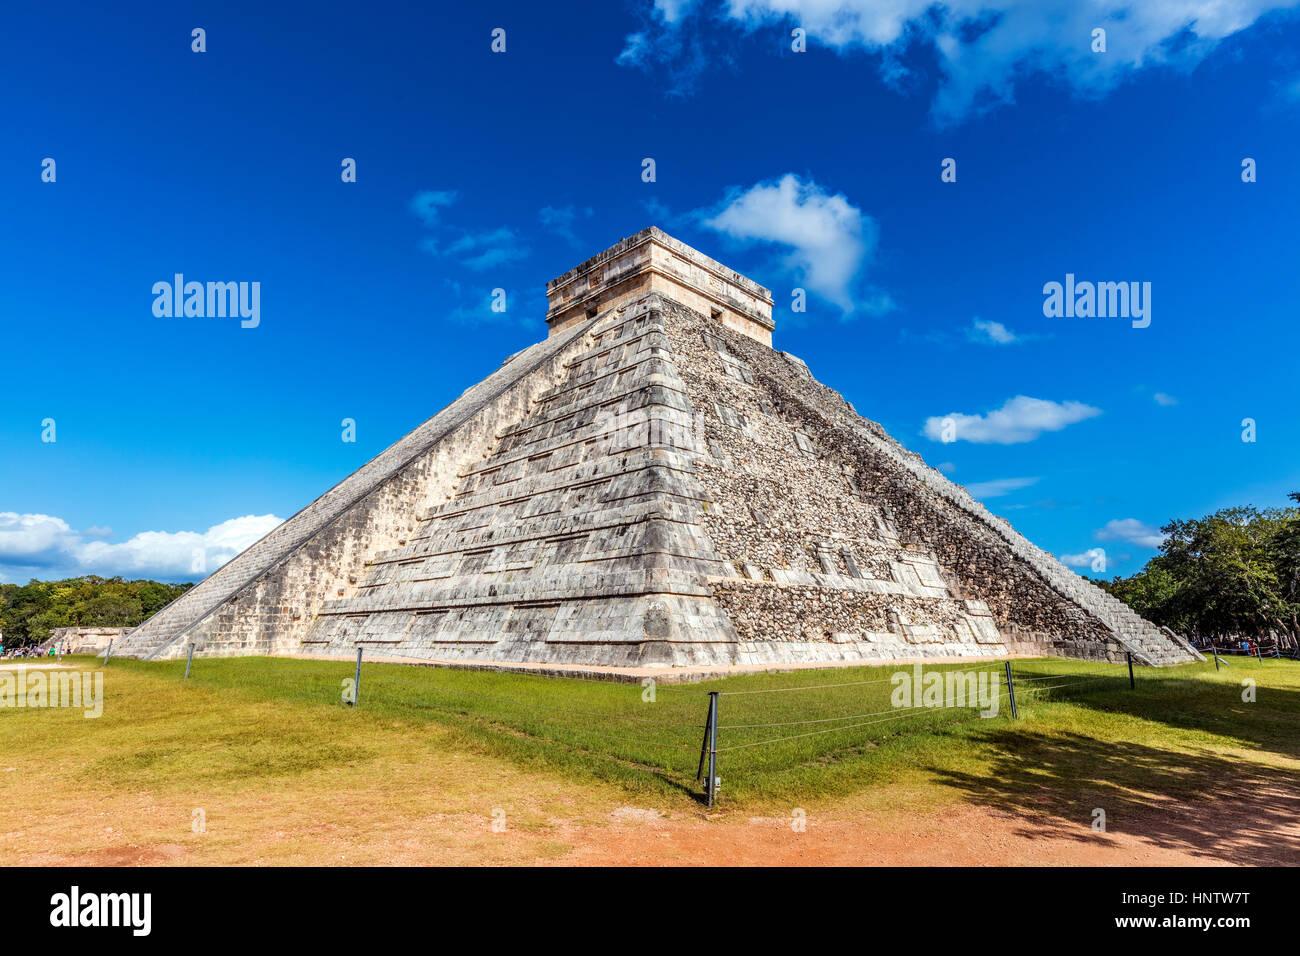 Stock Photo - Temple de Kukulcan à Chichen Itza, Mexique Photo Stock